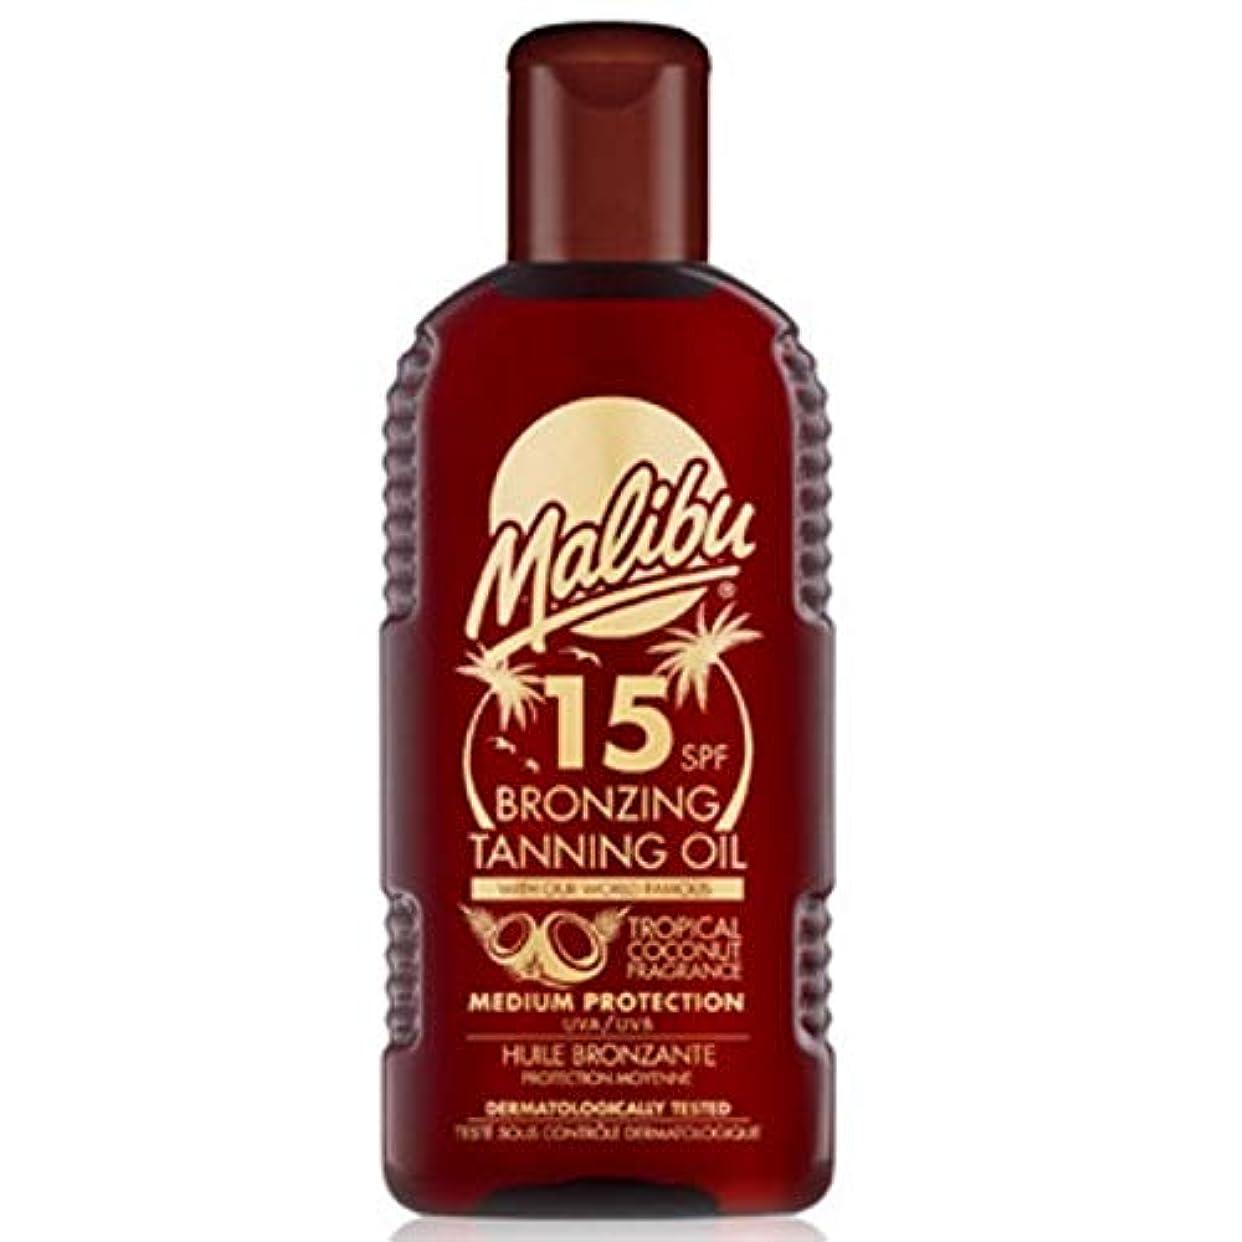 [Malibu ] マリブブロンズ日焼けオイルSpf 15 - Malibu Bronzing Tanning Oil SPF 15 [並行輸入品]